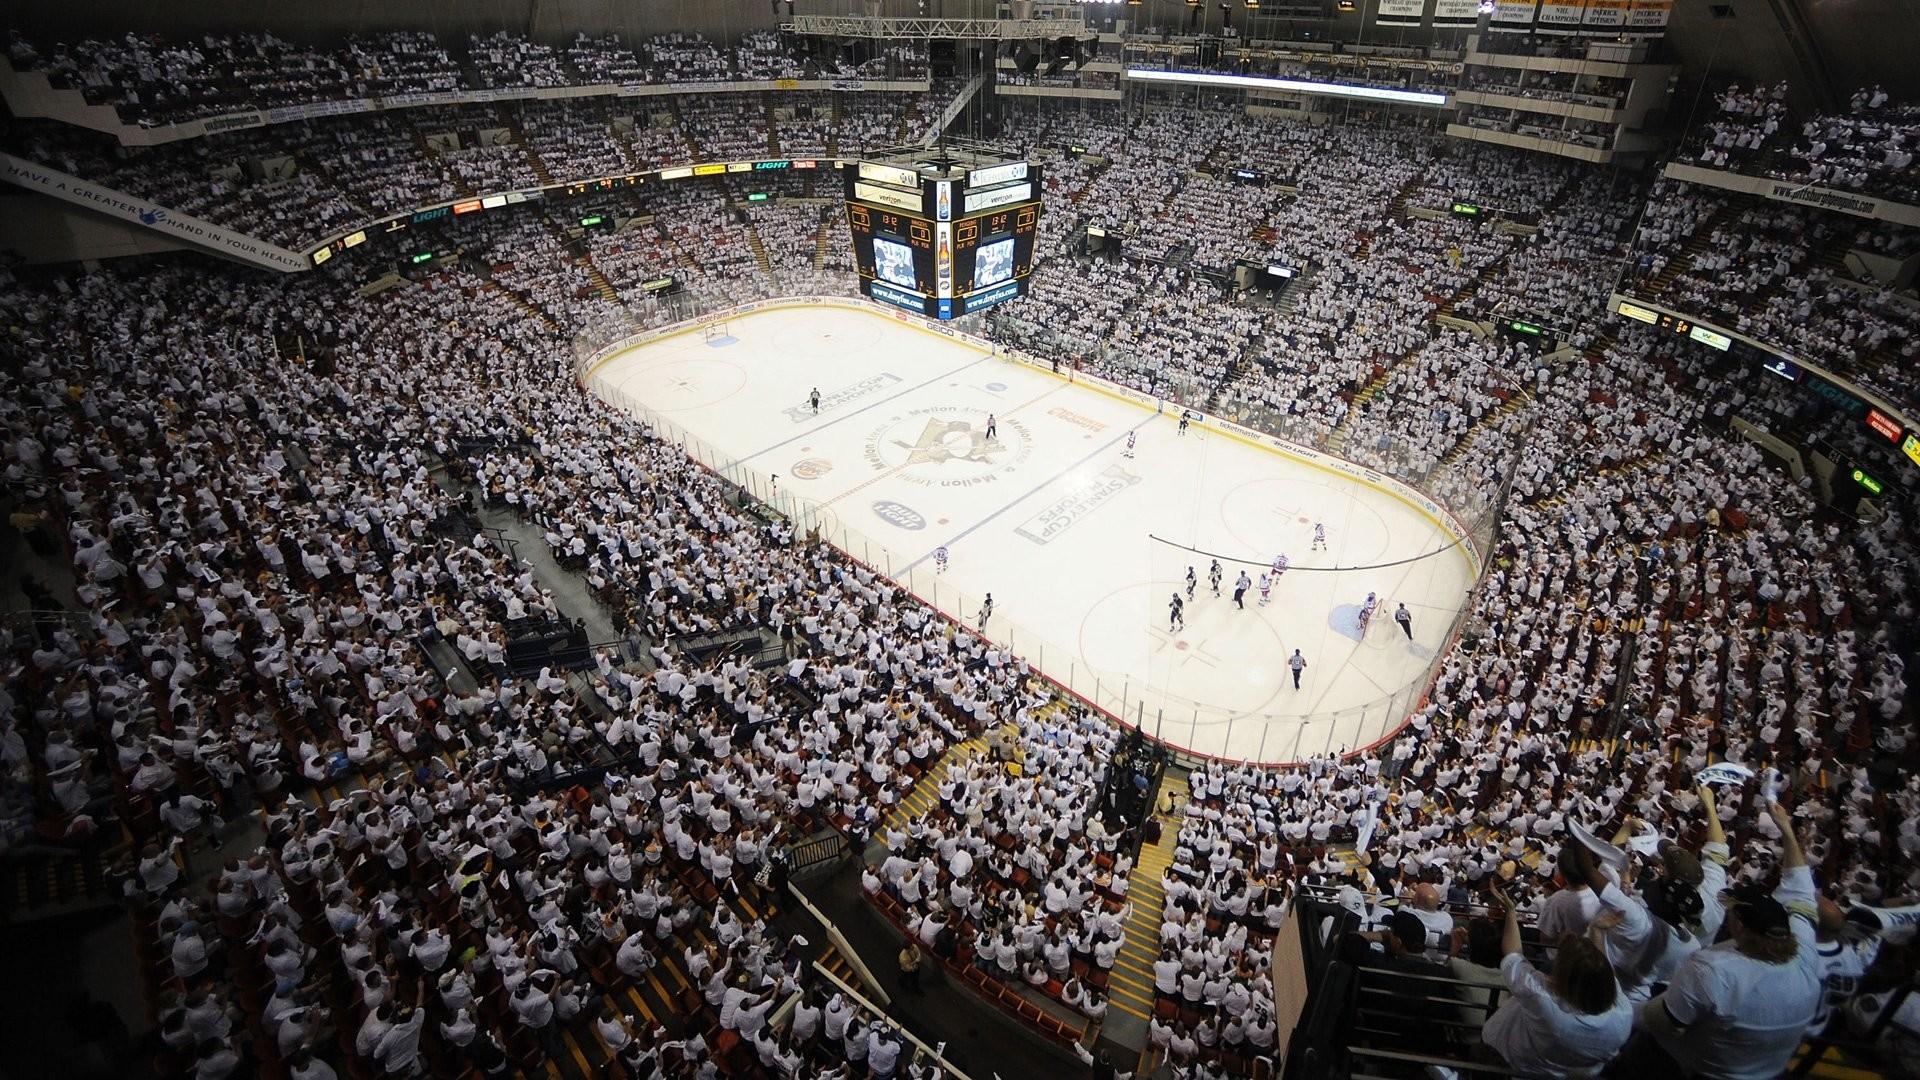 Penguins Nhl Wallpaper - Pittsburgh Penguins Old Arena , HD Wallpaper & Backgrounds